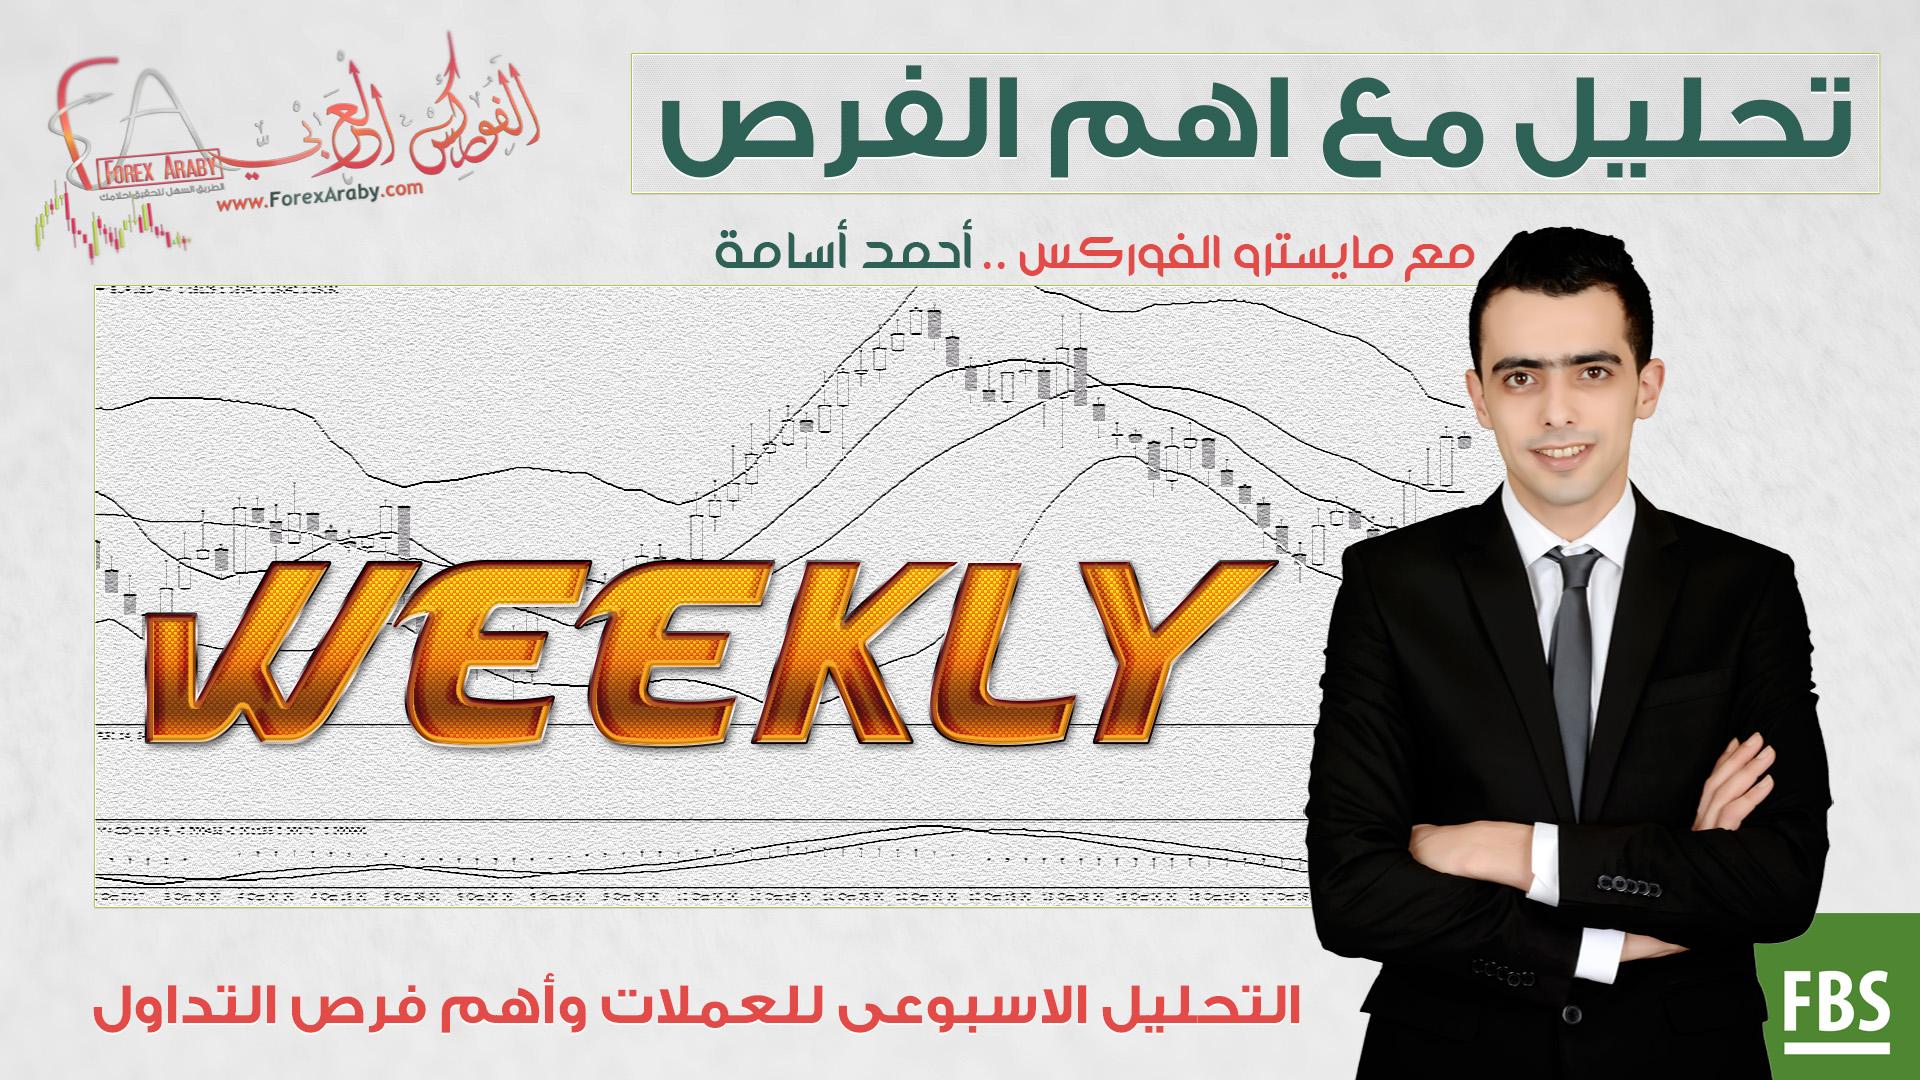 التحليل الاسبوعى من 4 حتى 8 ديسمبر وأهم فرص التداول